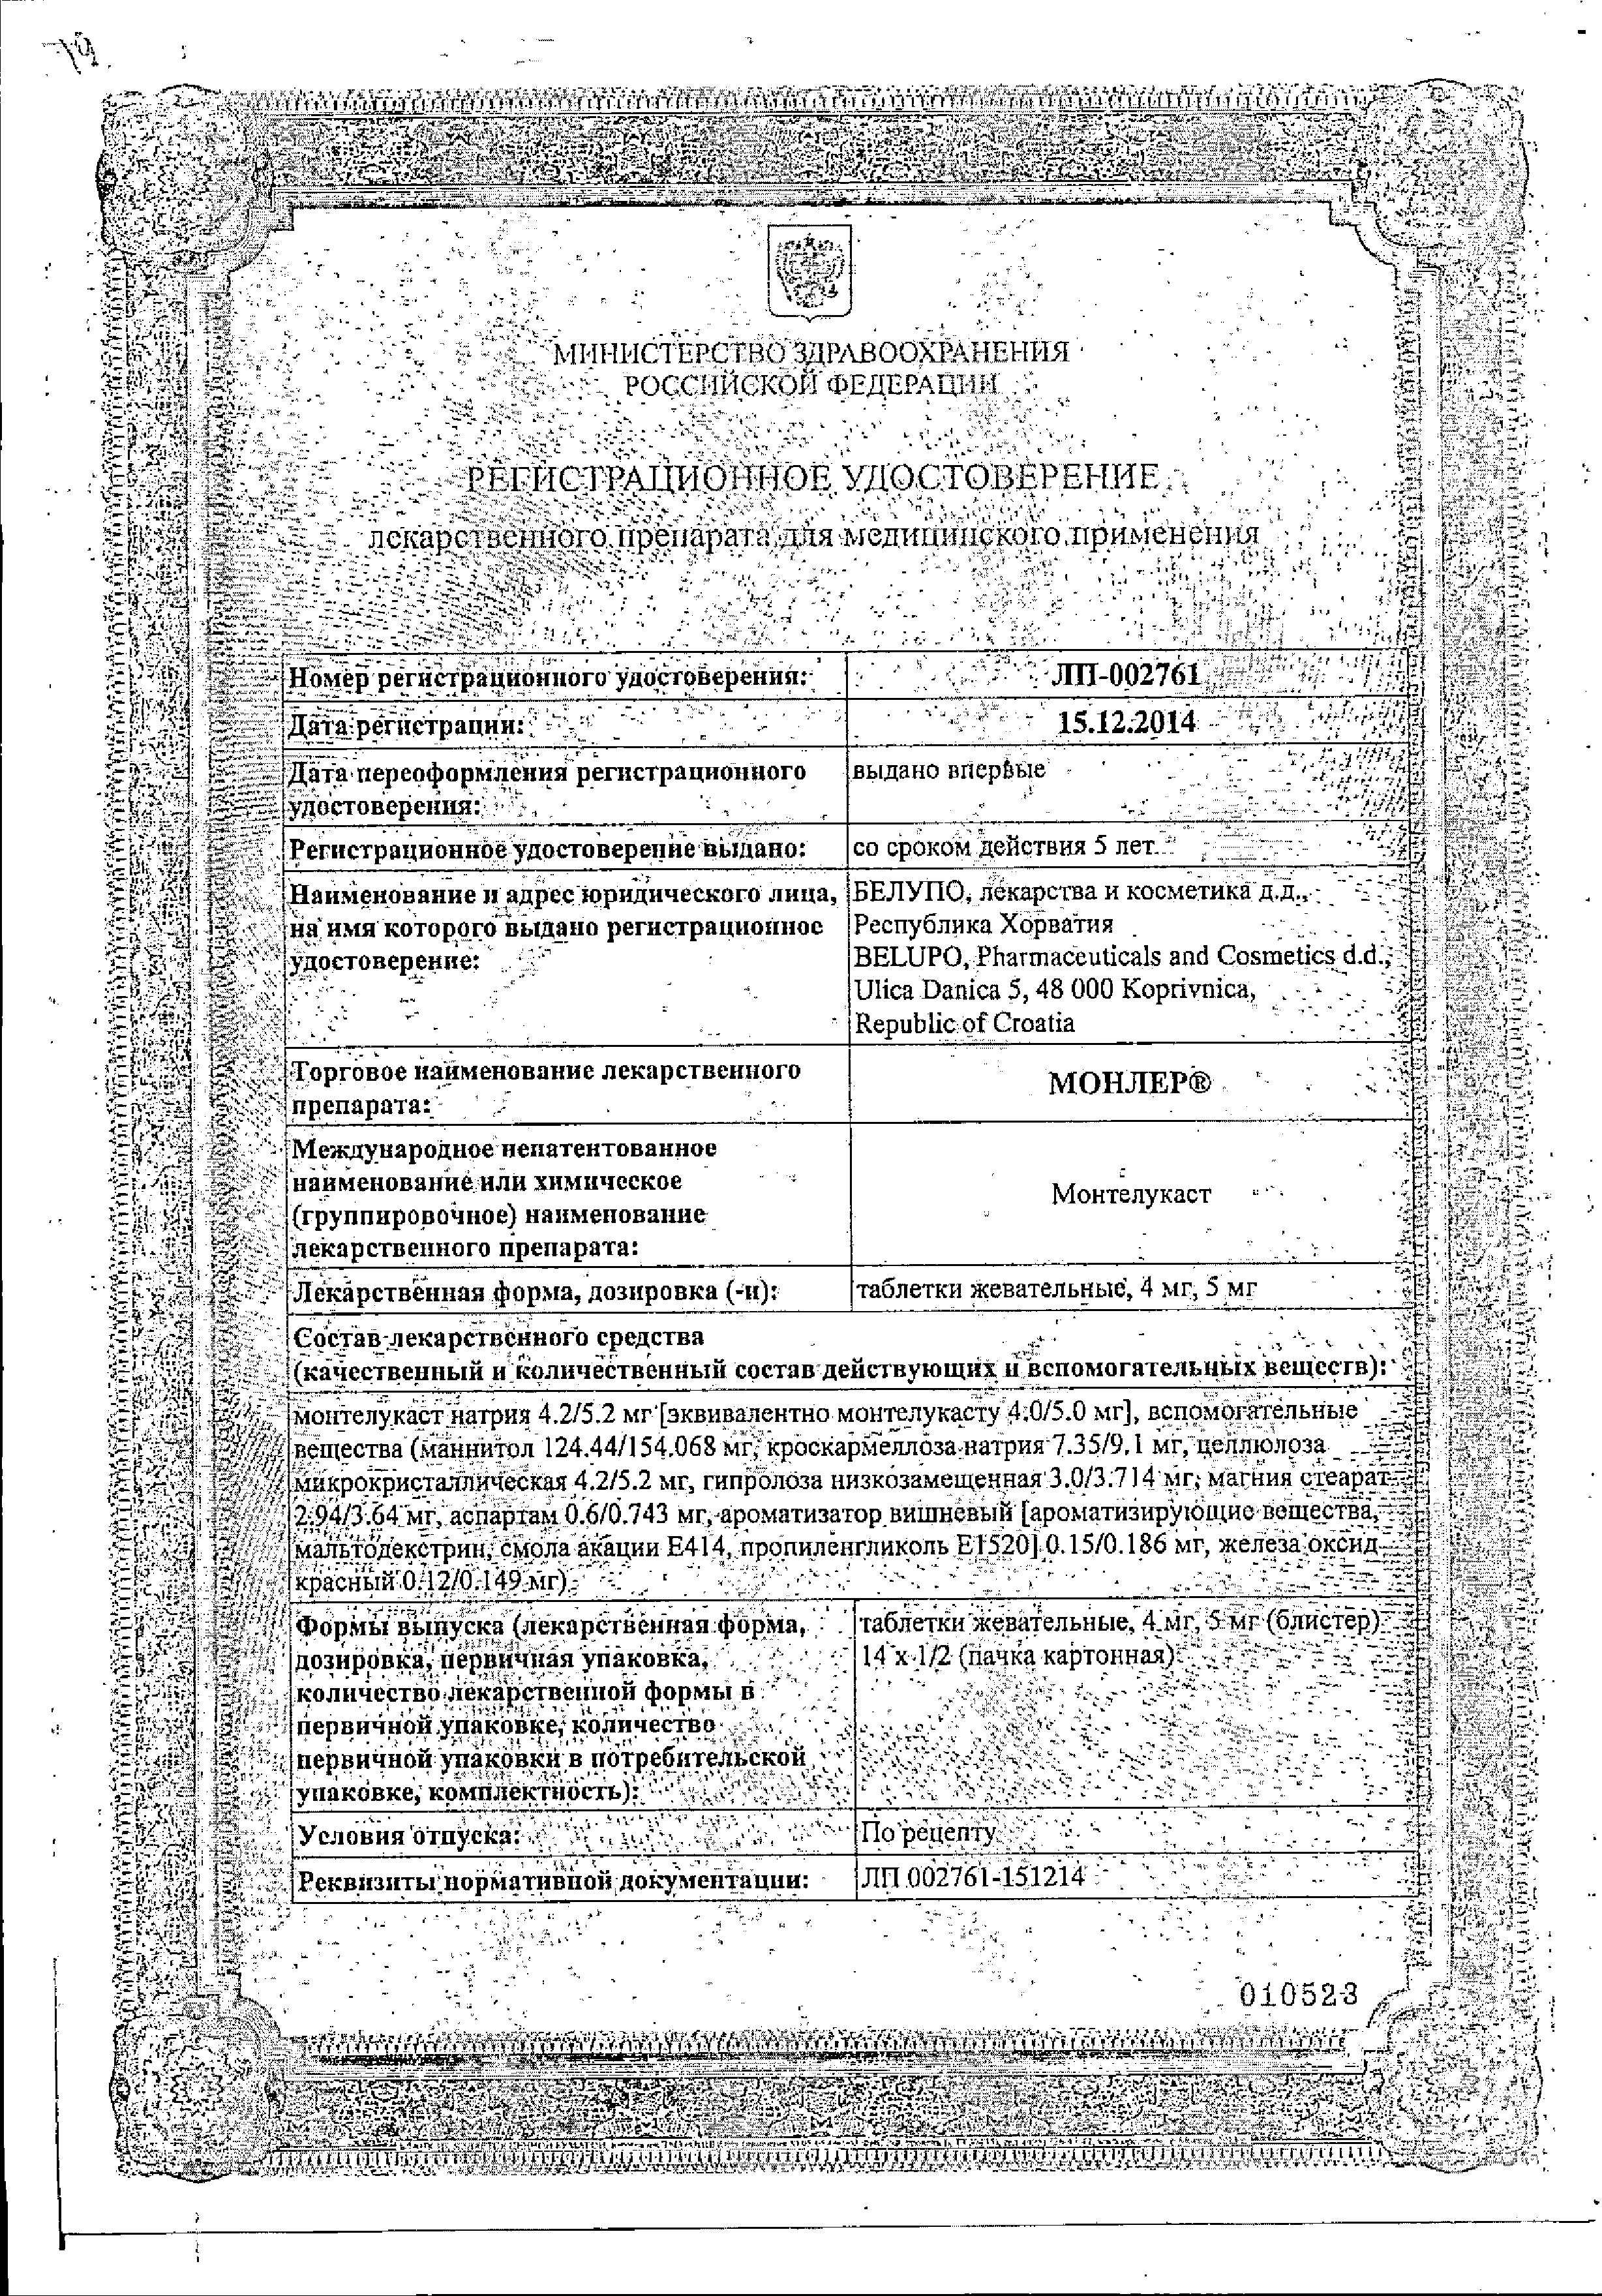 Монлер сертификат